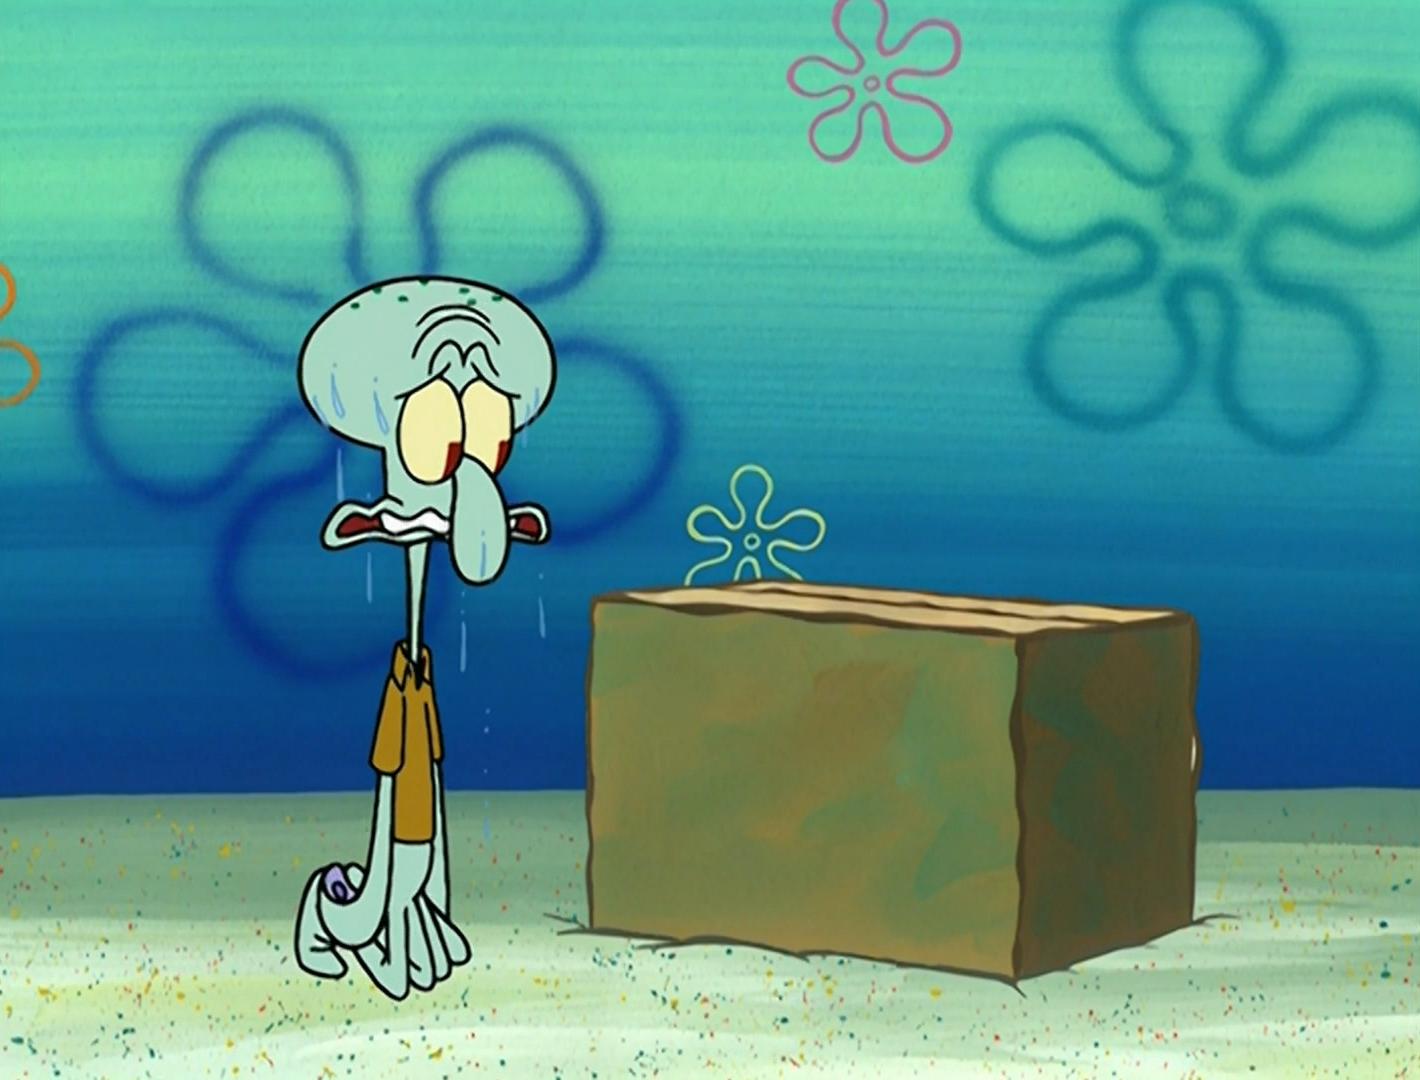 File:Idiot Box 067.png